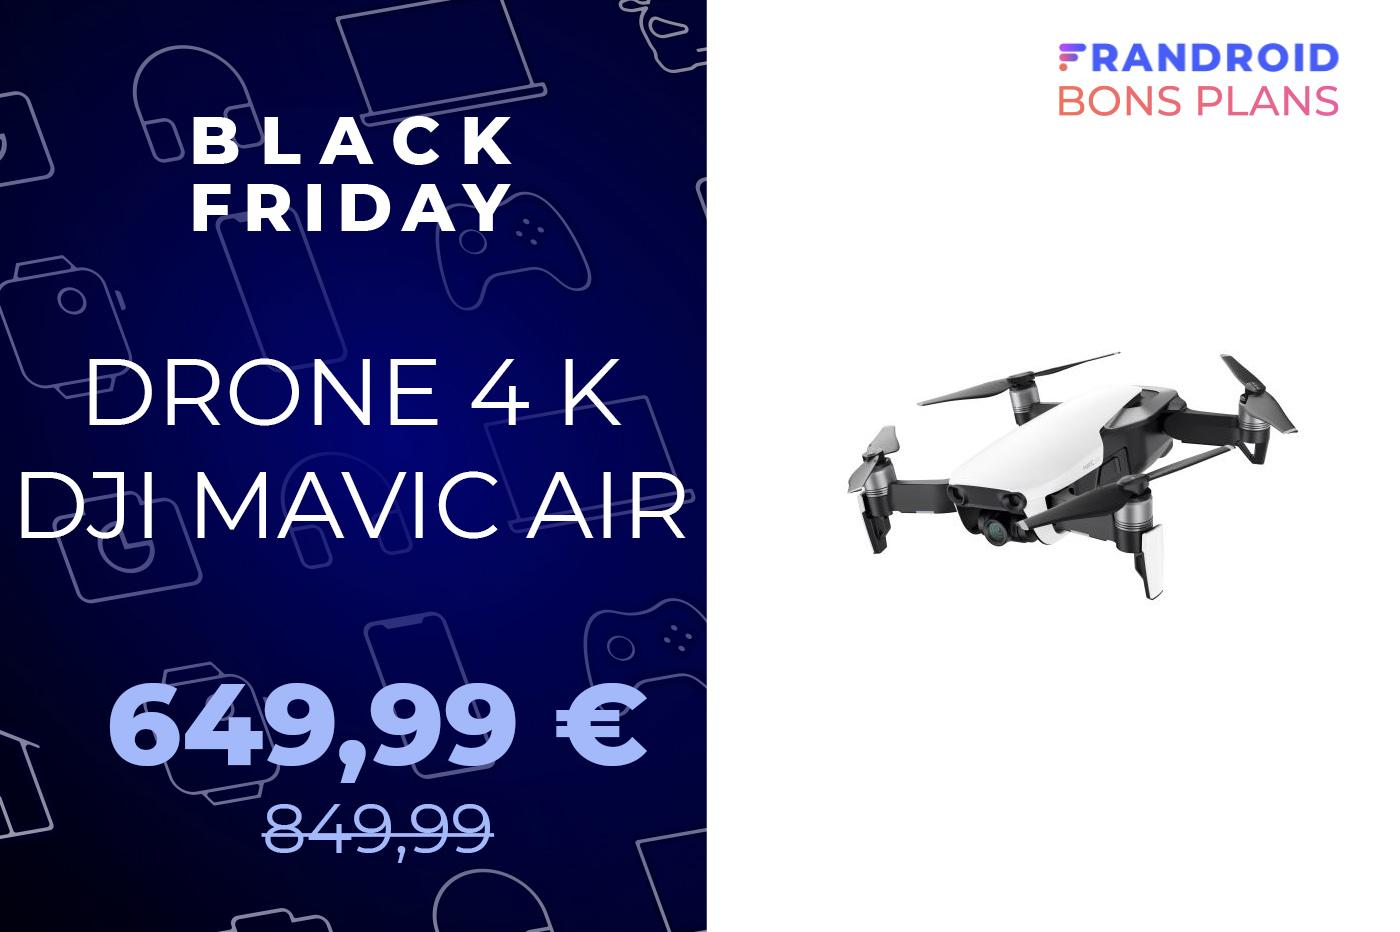 Le drone DJI Mavic Air est 270 euros moins cher pour le Black Friday